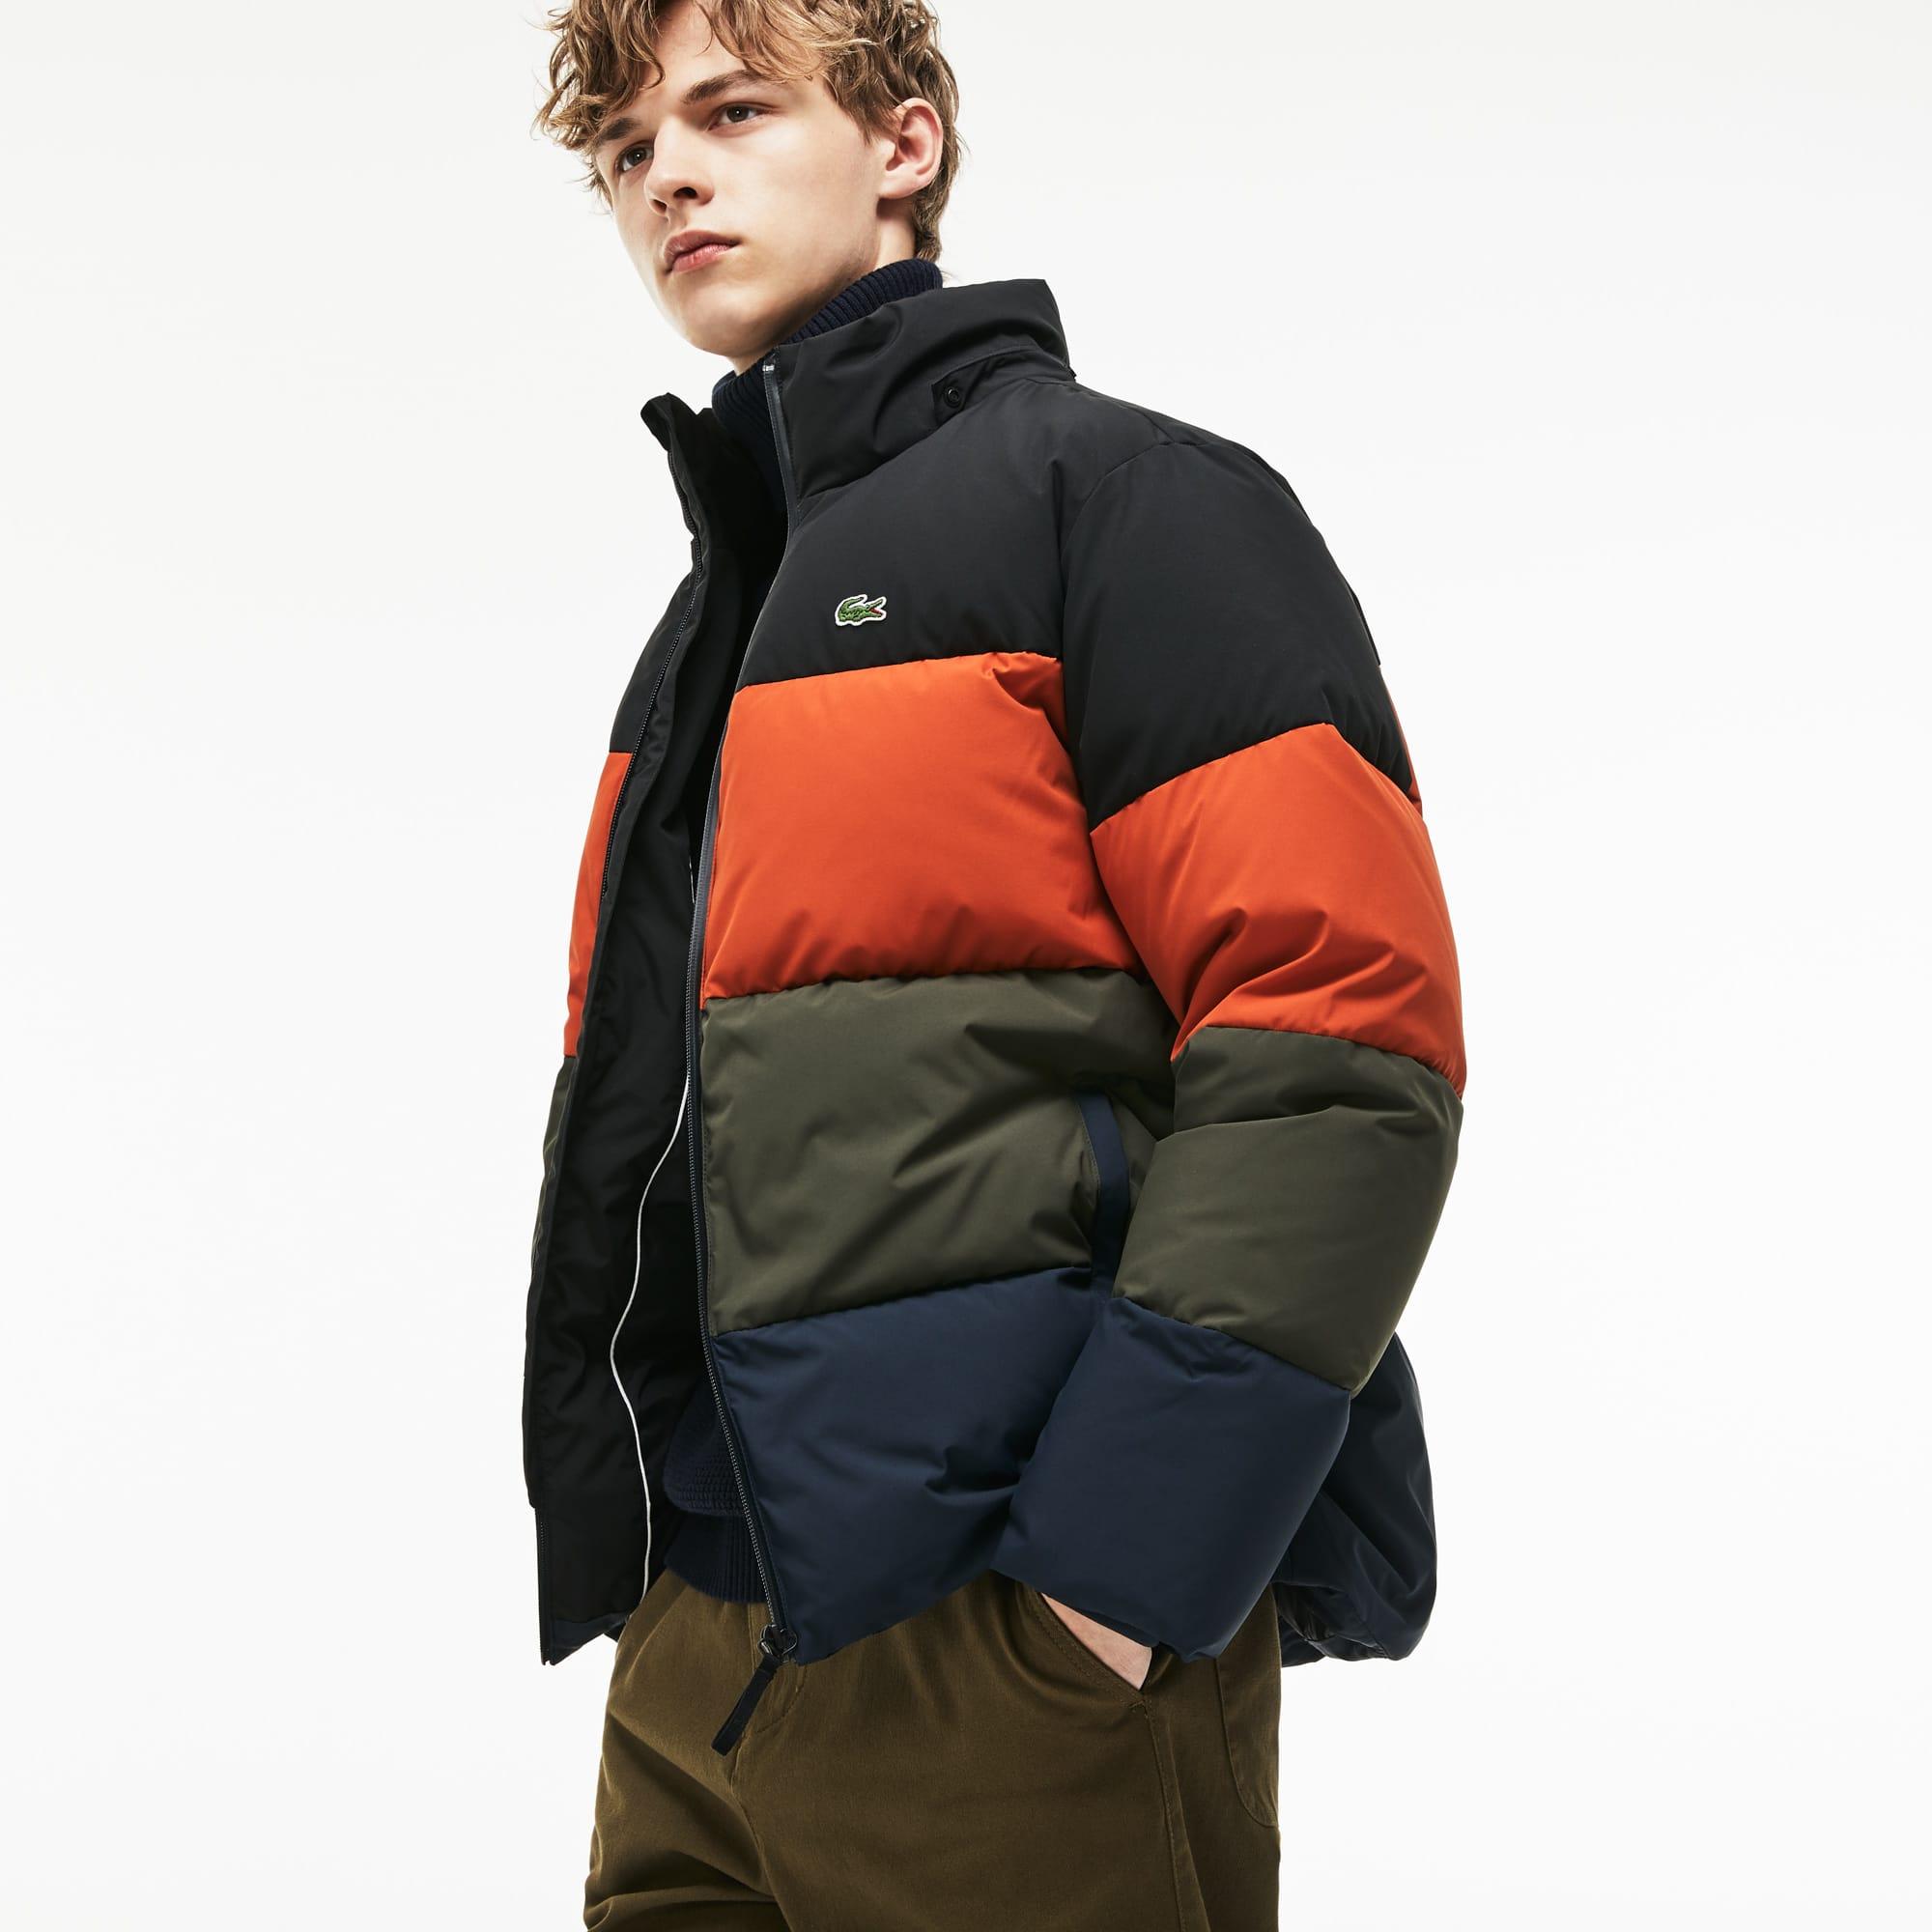 Homme Lacoste Blousons Vêtements Homme Vestes TAgRX